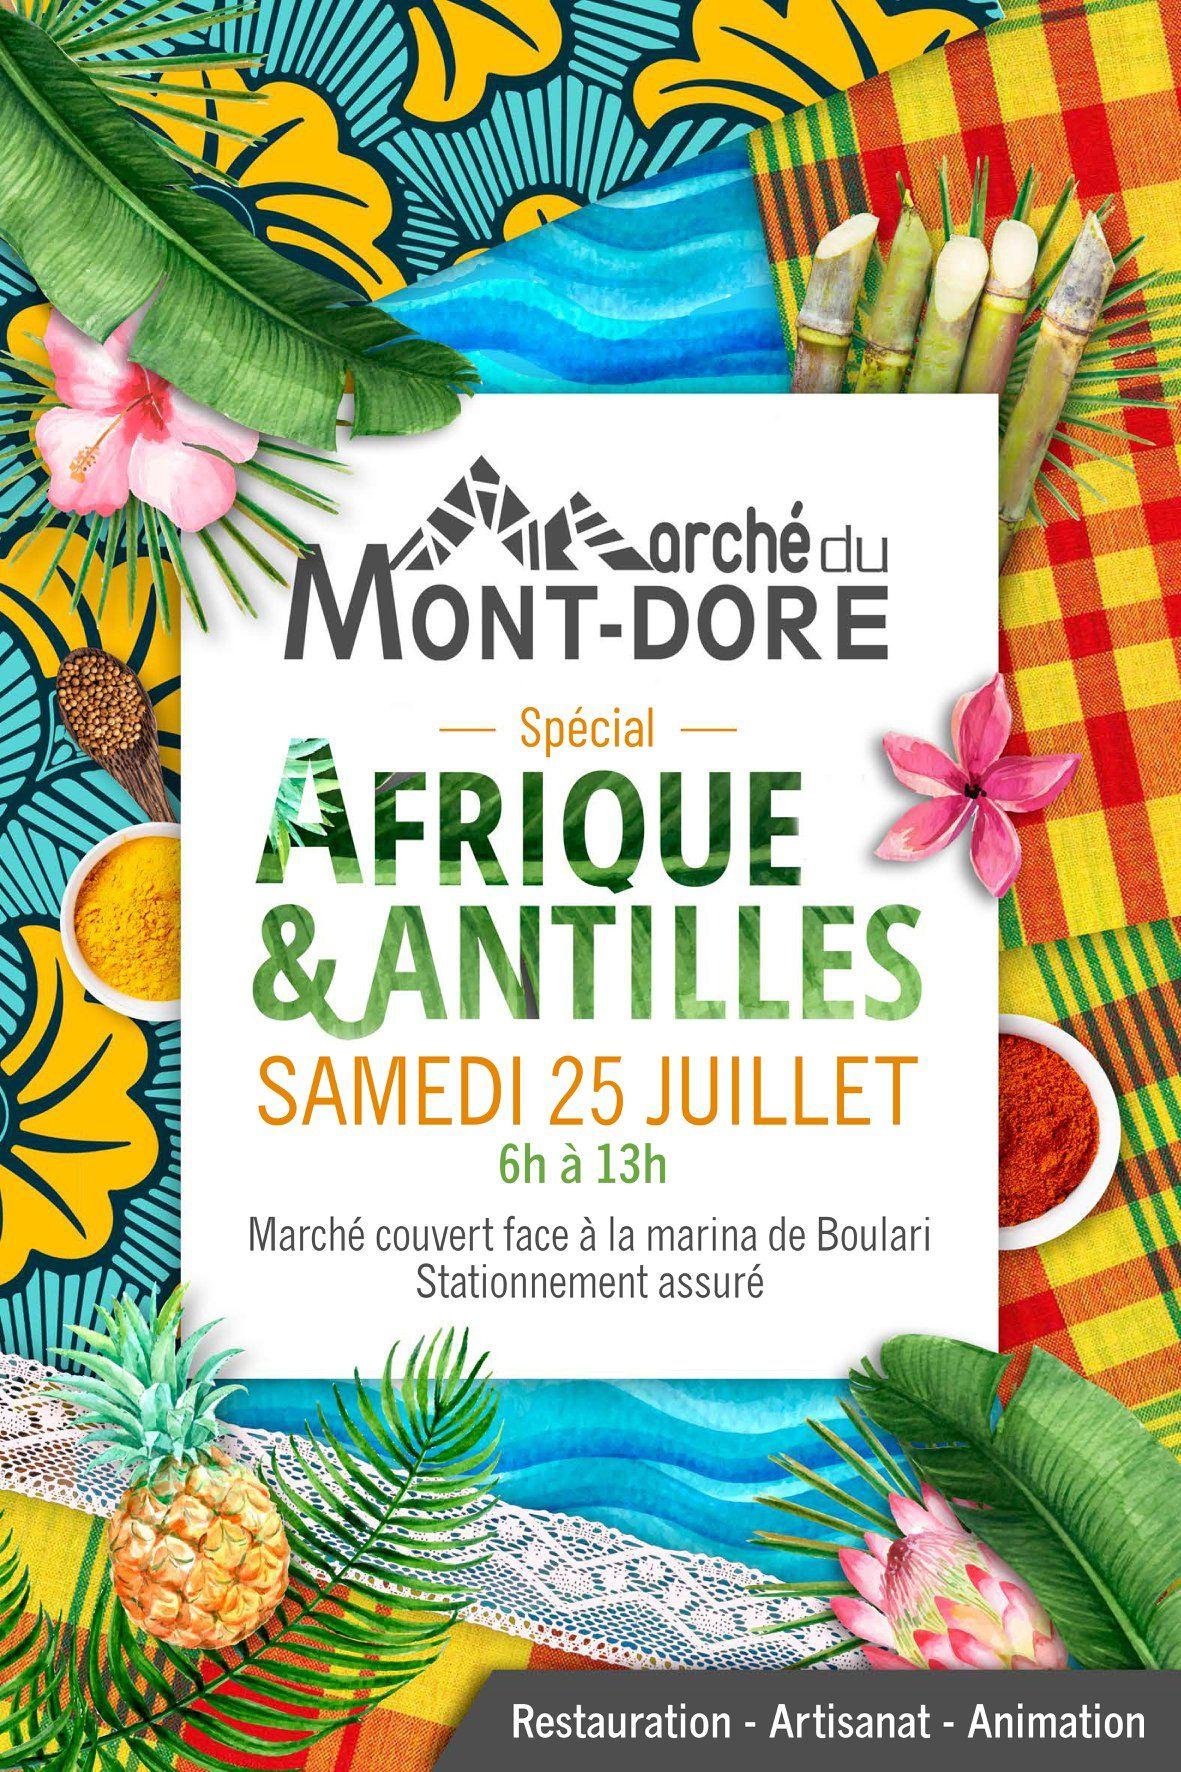 special afrique antilles 2020 6vza4dqr50lnqlh4sebb5i10ik1ui00165hutljshu8 Micro trottoir : Blocage de la RP1 le lendemain du référendum #4